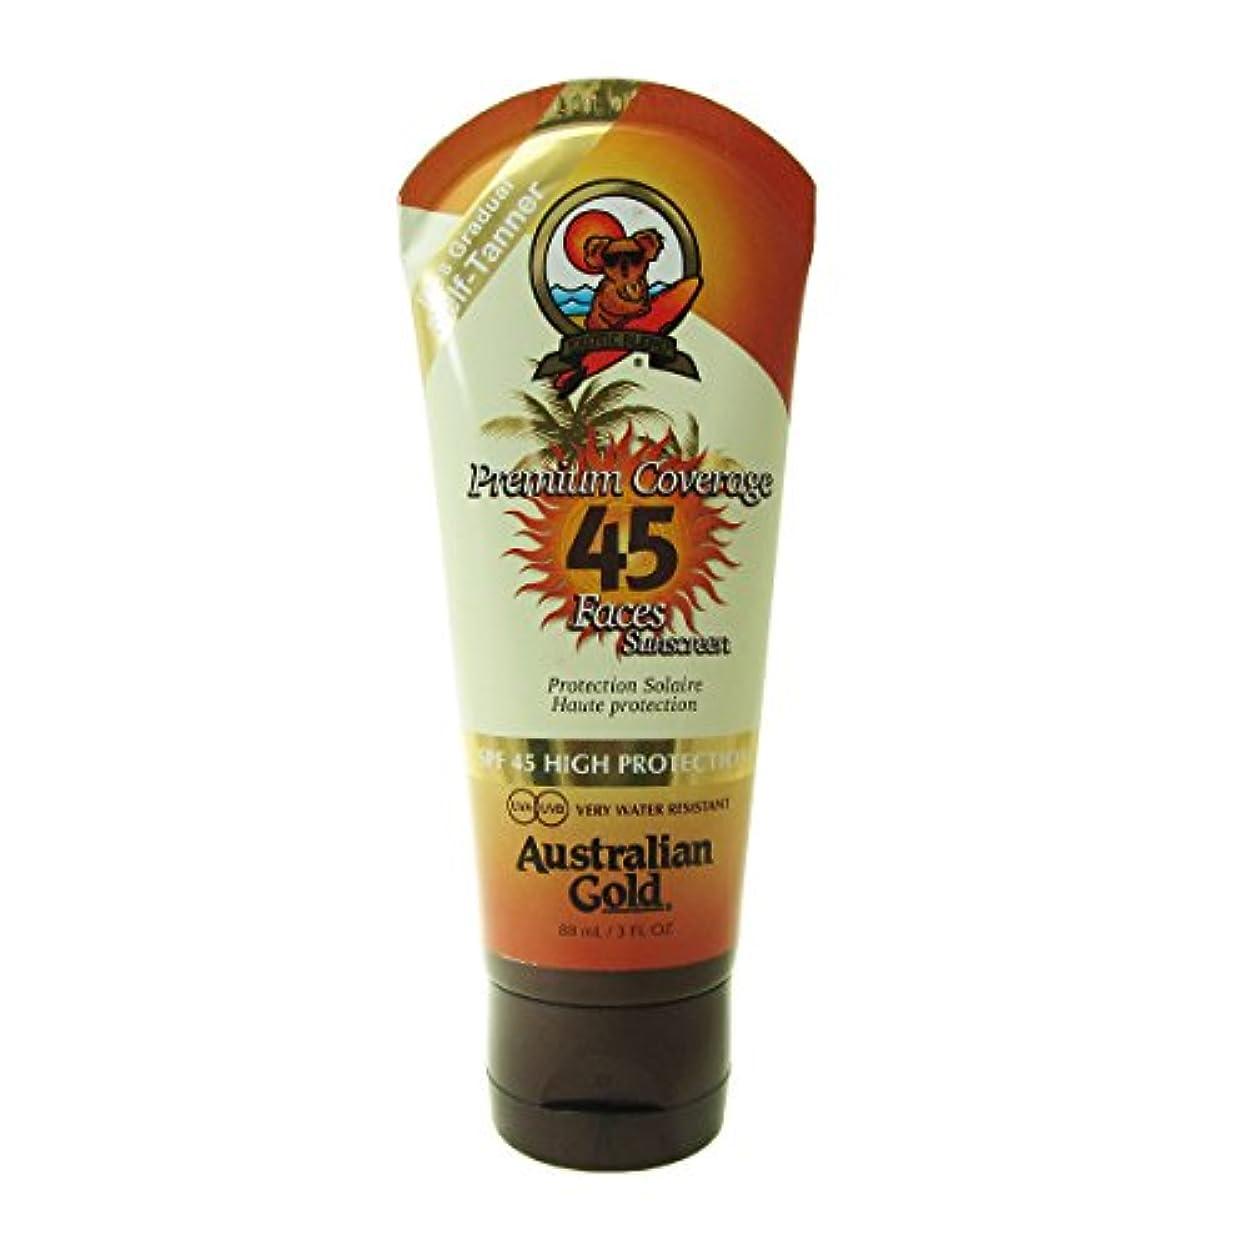 ワーカー競う居心地の良いAustralian Gold Sunscreen Spf 45 With Self-tanner 88ml [並行輸入品]